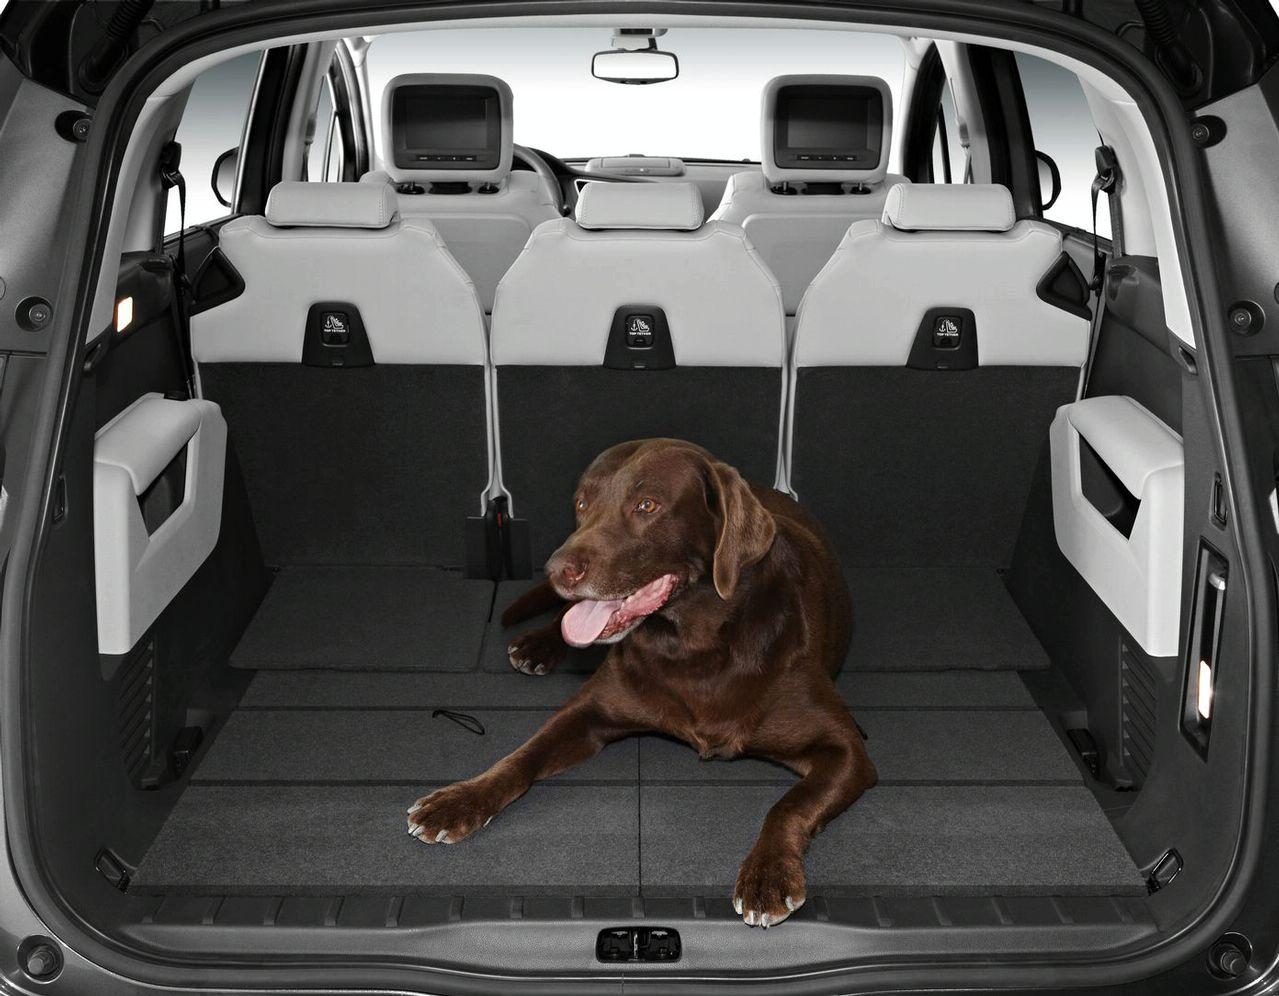 PEUGEOT - 5008 7-SEAT WAGON » Corban Automative